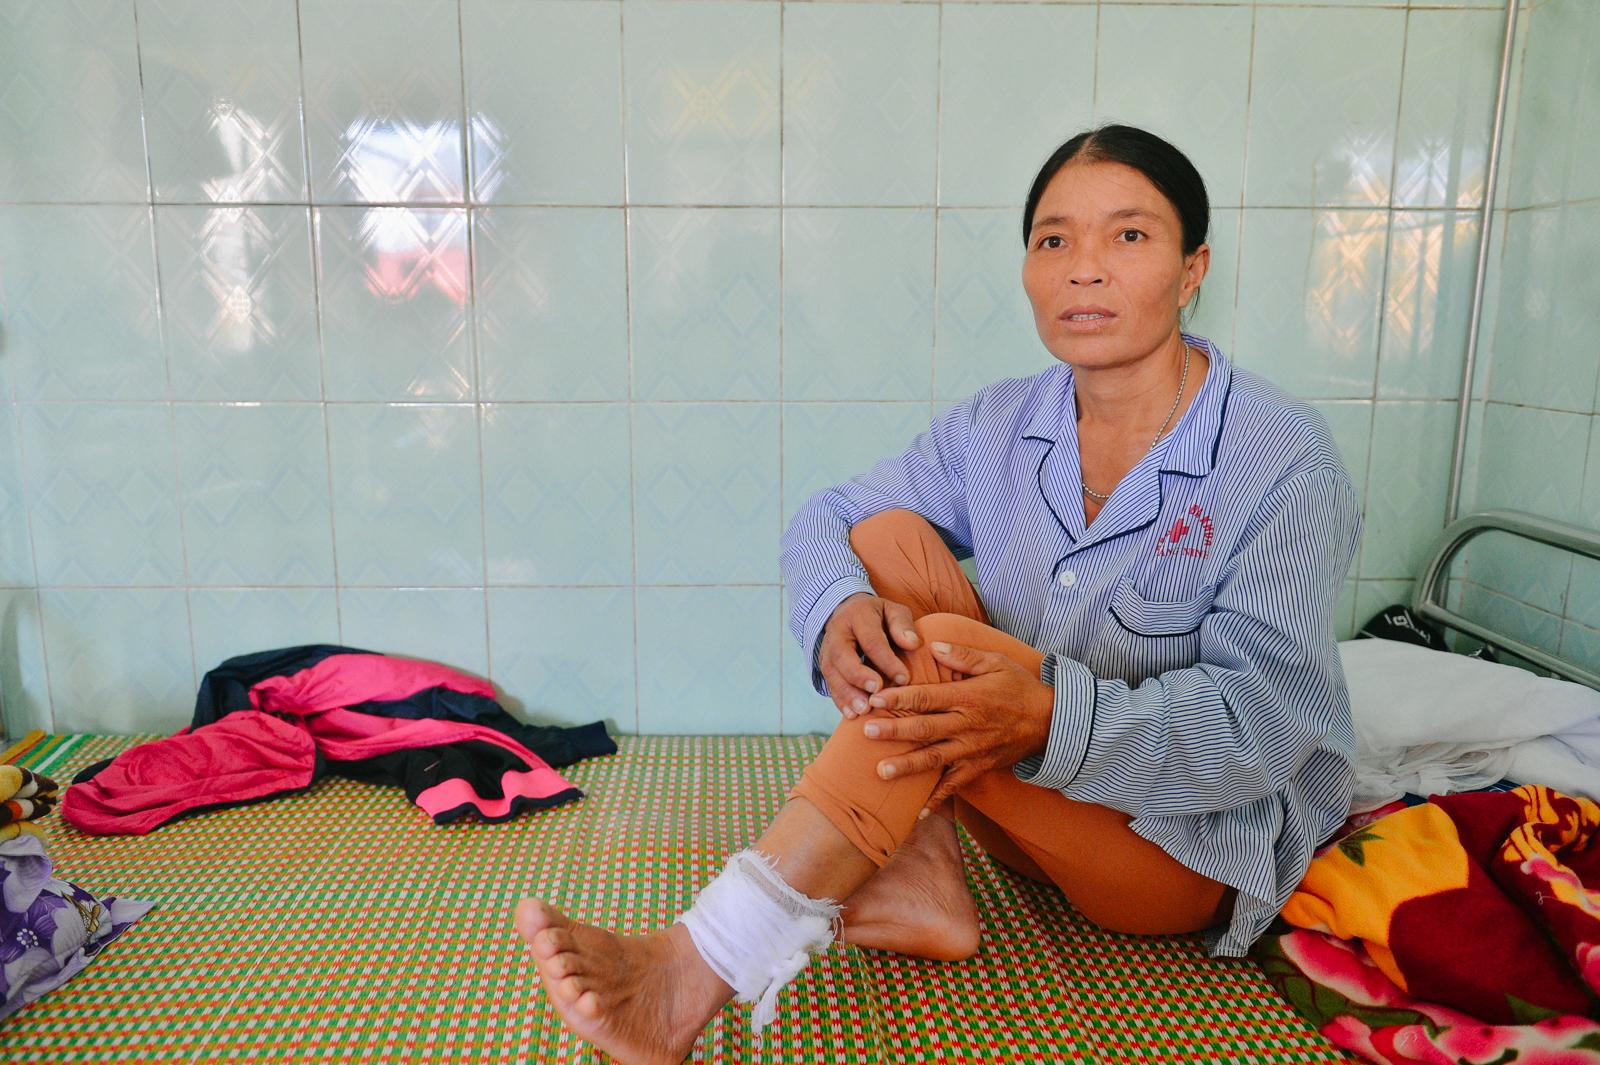 Bệnh viện tại Quảng Bình tan hoang sau cơn 'đại hồng thuỷ' nhưng câu chuyện về tình người còn đáng giá gấp bội - Ảnh 6.